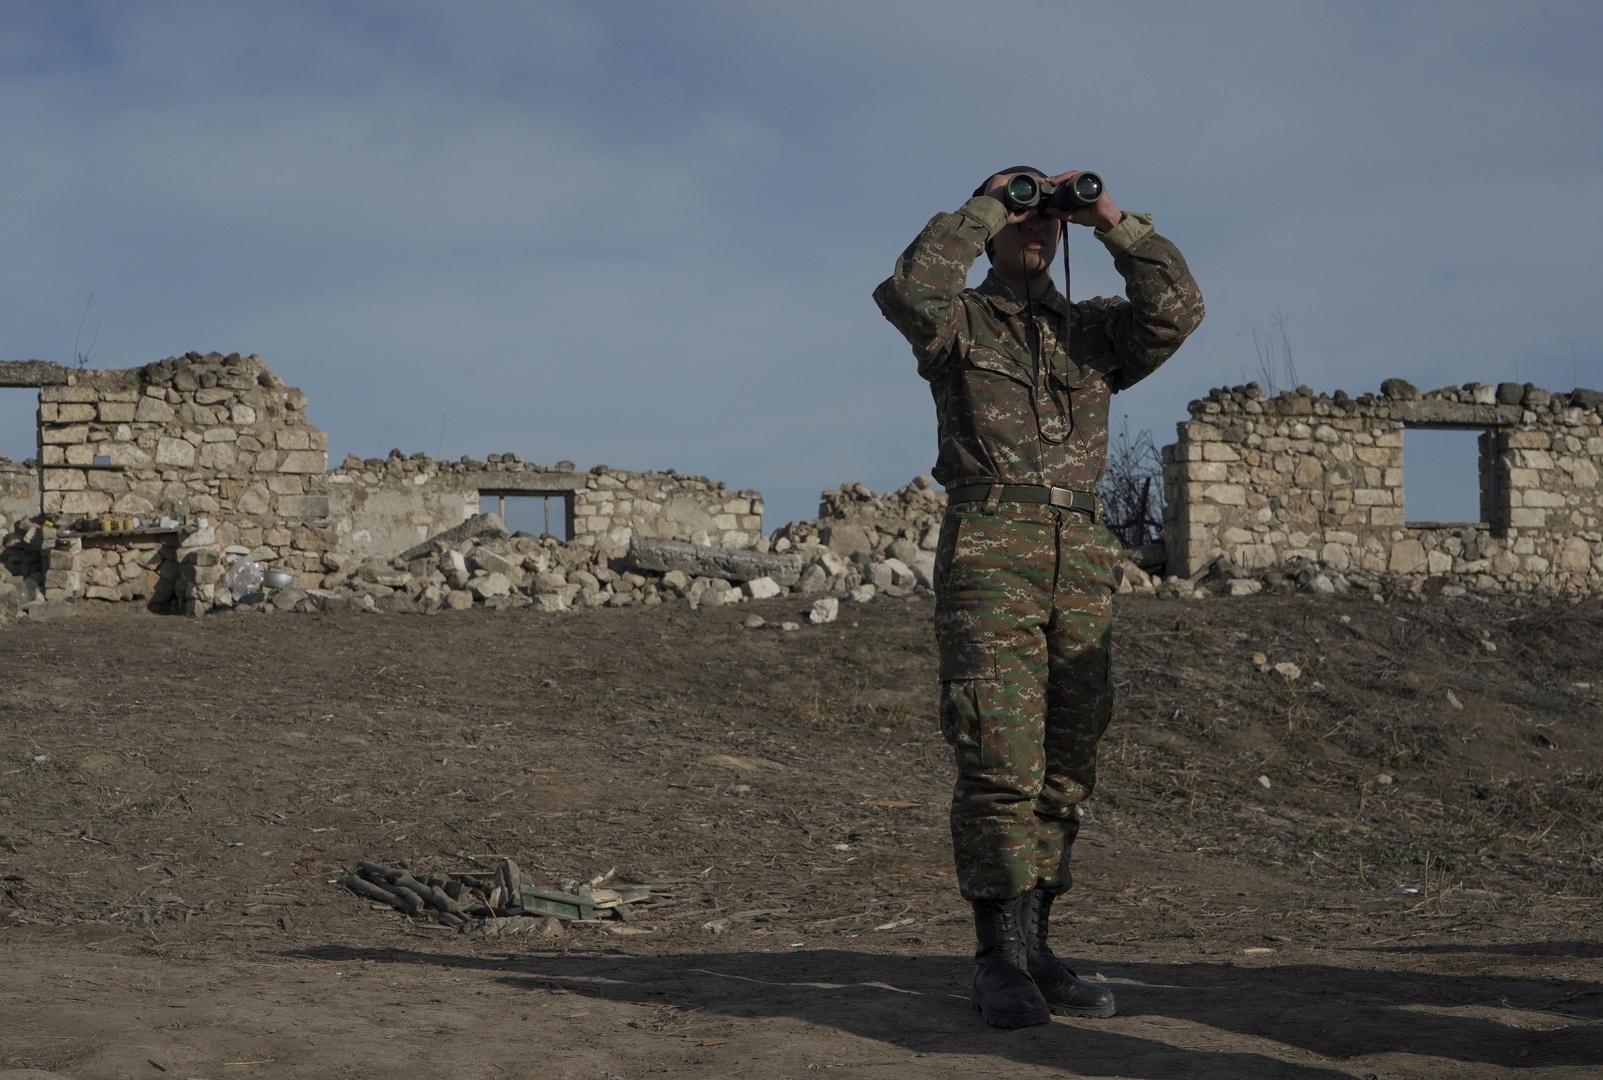 باكو: مقتل جندي أذربيجاني جراء إطلاق النار من جانب أرمينيا